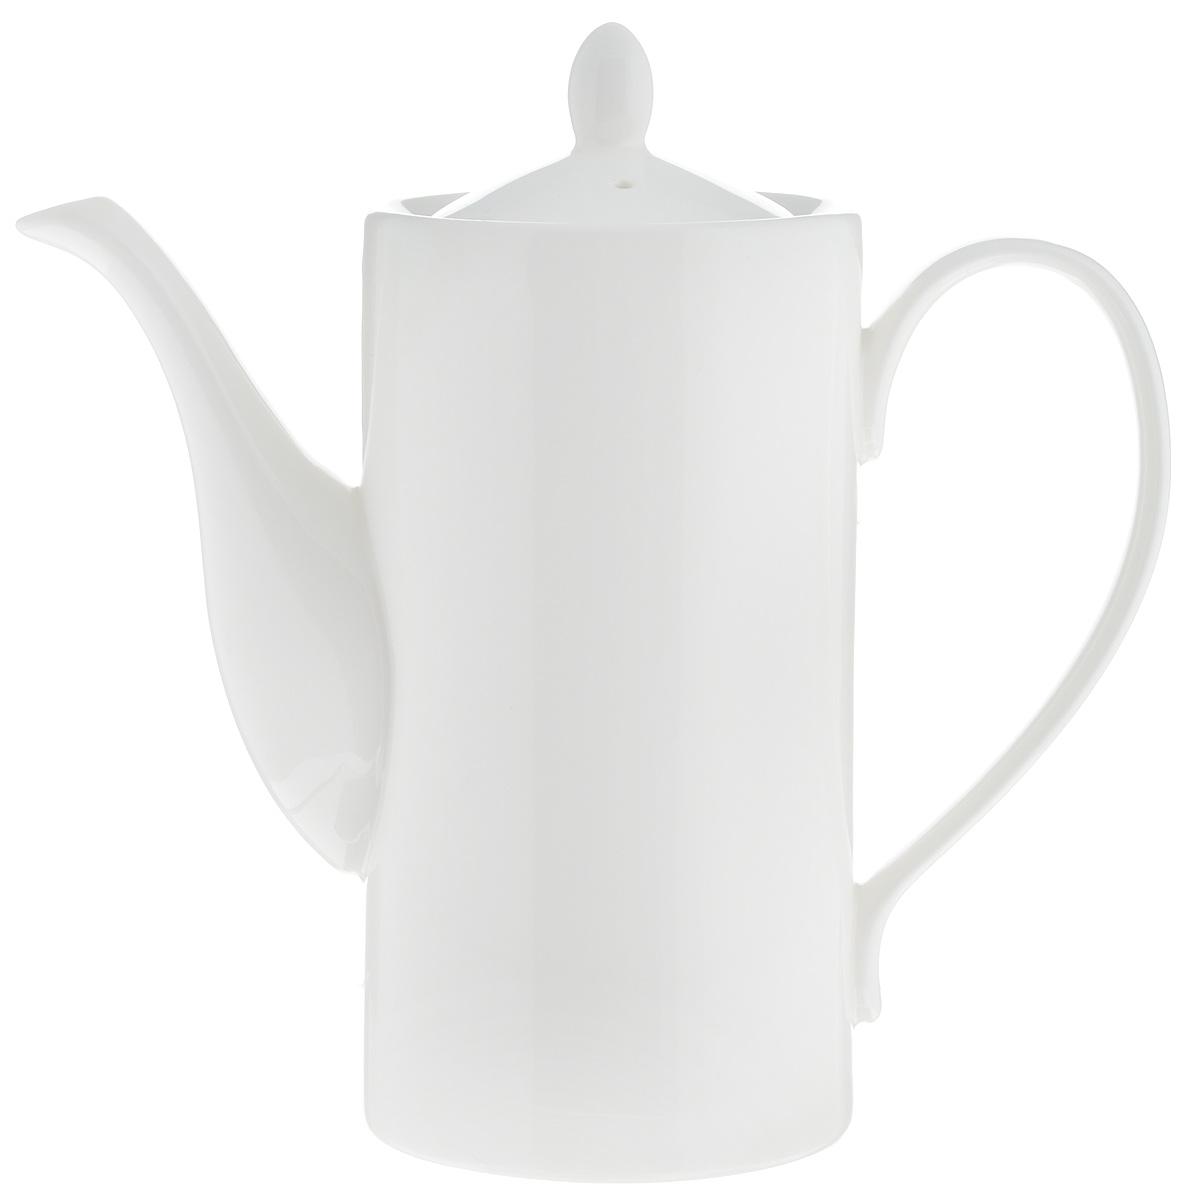 Кофейник Wilmax, 650 мл54 009305Кофейник Wilmax изготовлен из высококачественного фарфора, покрытого двойным слоем глазировки. Отличается особой износостойкостью и устойчивостью к ударам и сколам. А белый с оттенком слоновой кости цвет будет эффектно смотреться на вашем столе.Диаметр кофейника (по верхнему краю): 8 см. Высота чайника (без учета крышки): 15,5 см. Высота чайника (с учетом крышки): 18,5 см.